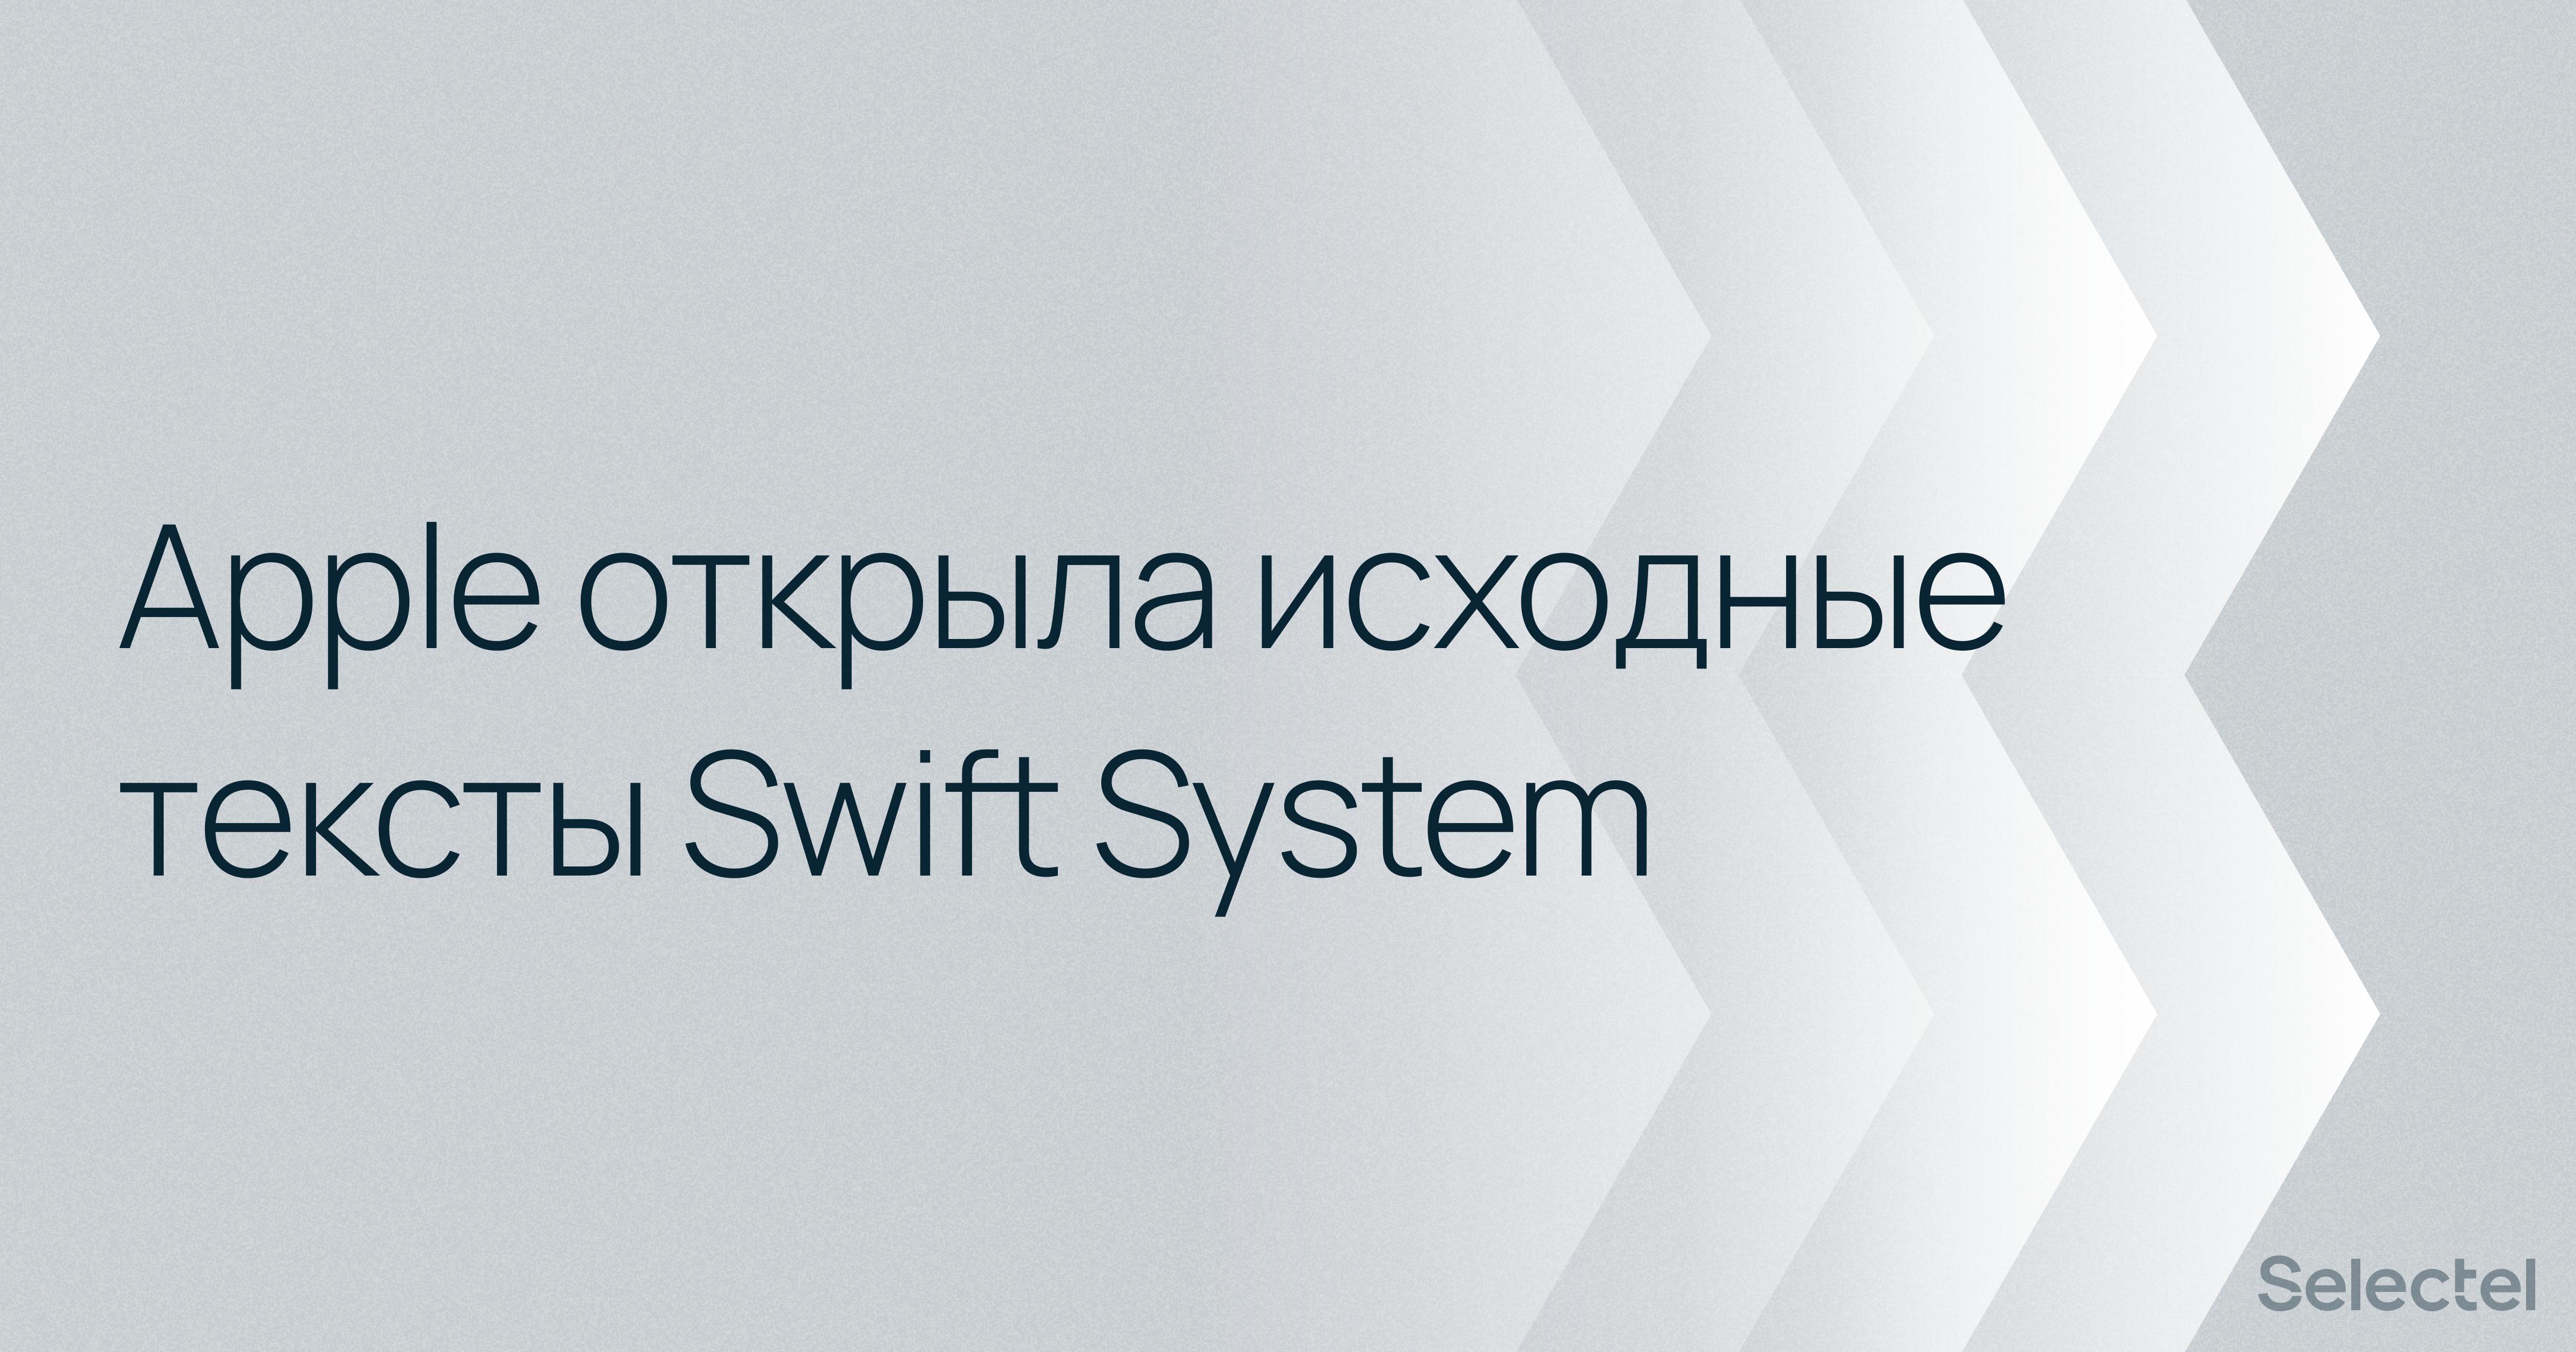 Apple открыла исходные тексты Swift System и выложила Swift 5.3